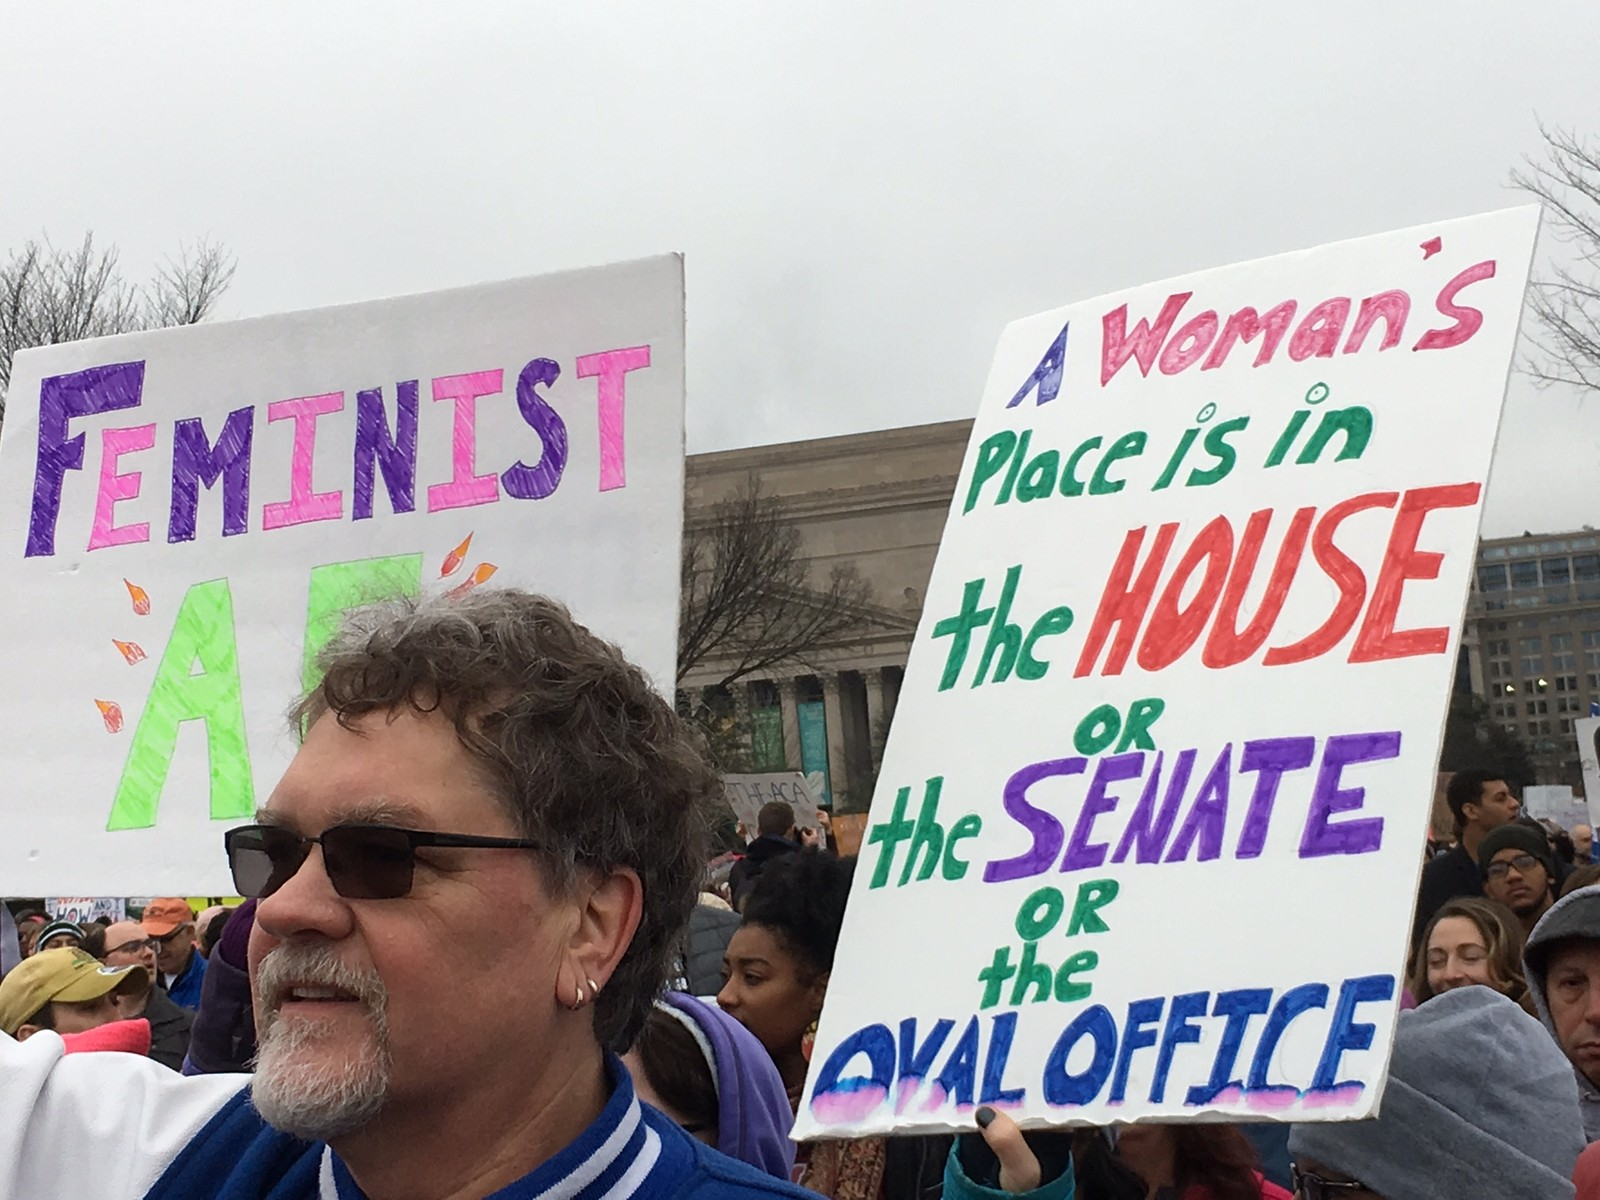 Både kvinner og menn deltok i demonstrasjonen for likestilling og mangfold.